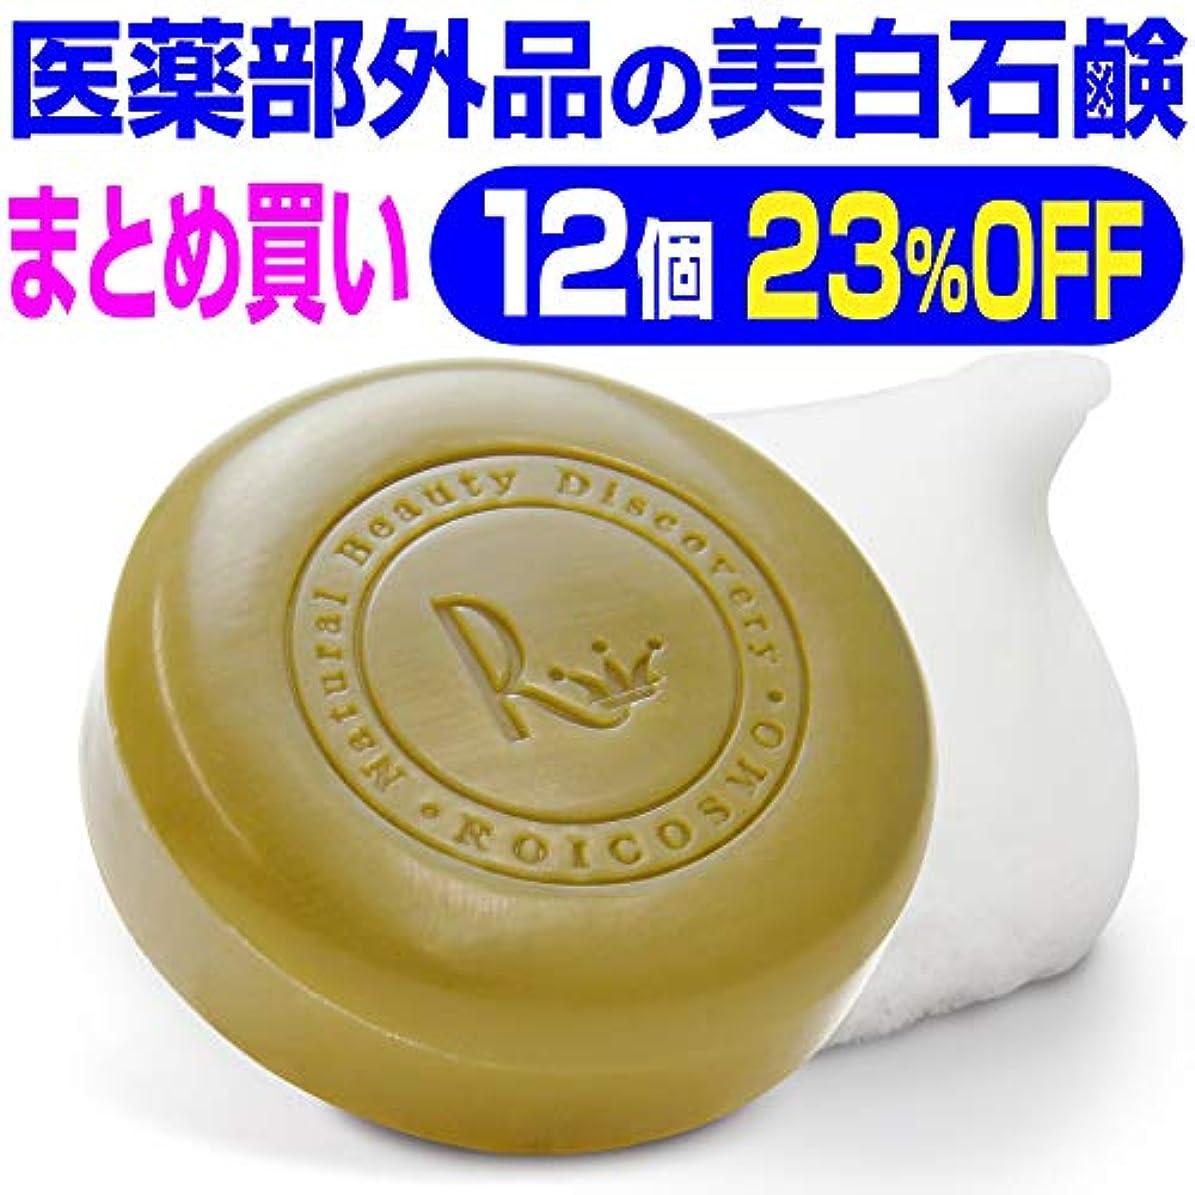 キルス保存するうそつき12個まとめ買い23%OFF 美白石鹸/ビタミンC270倍の美白成分配合の 洗顔石鹸『ホワイトソープ100g×12個』